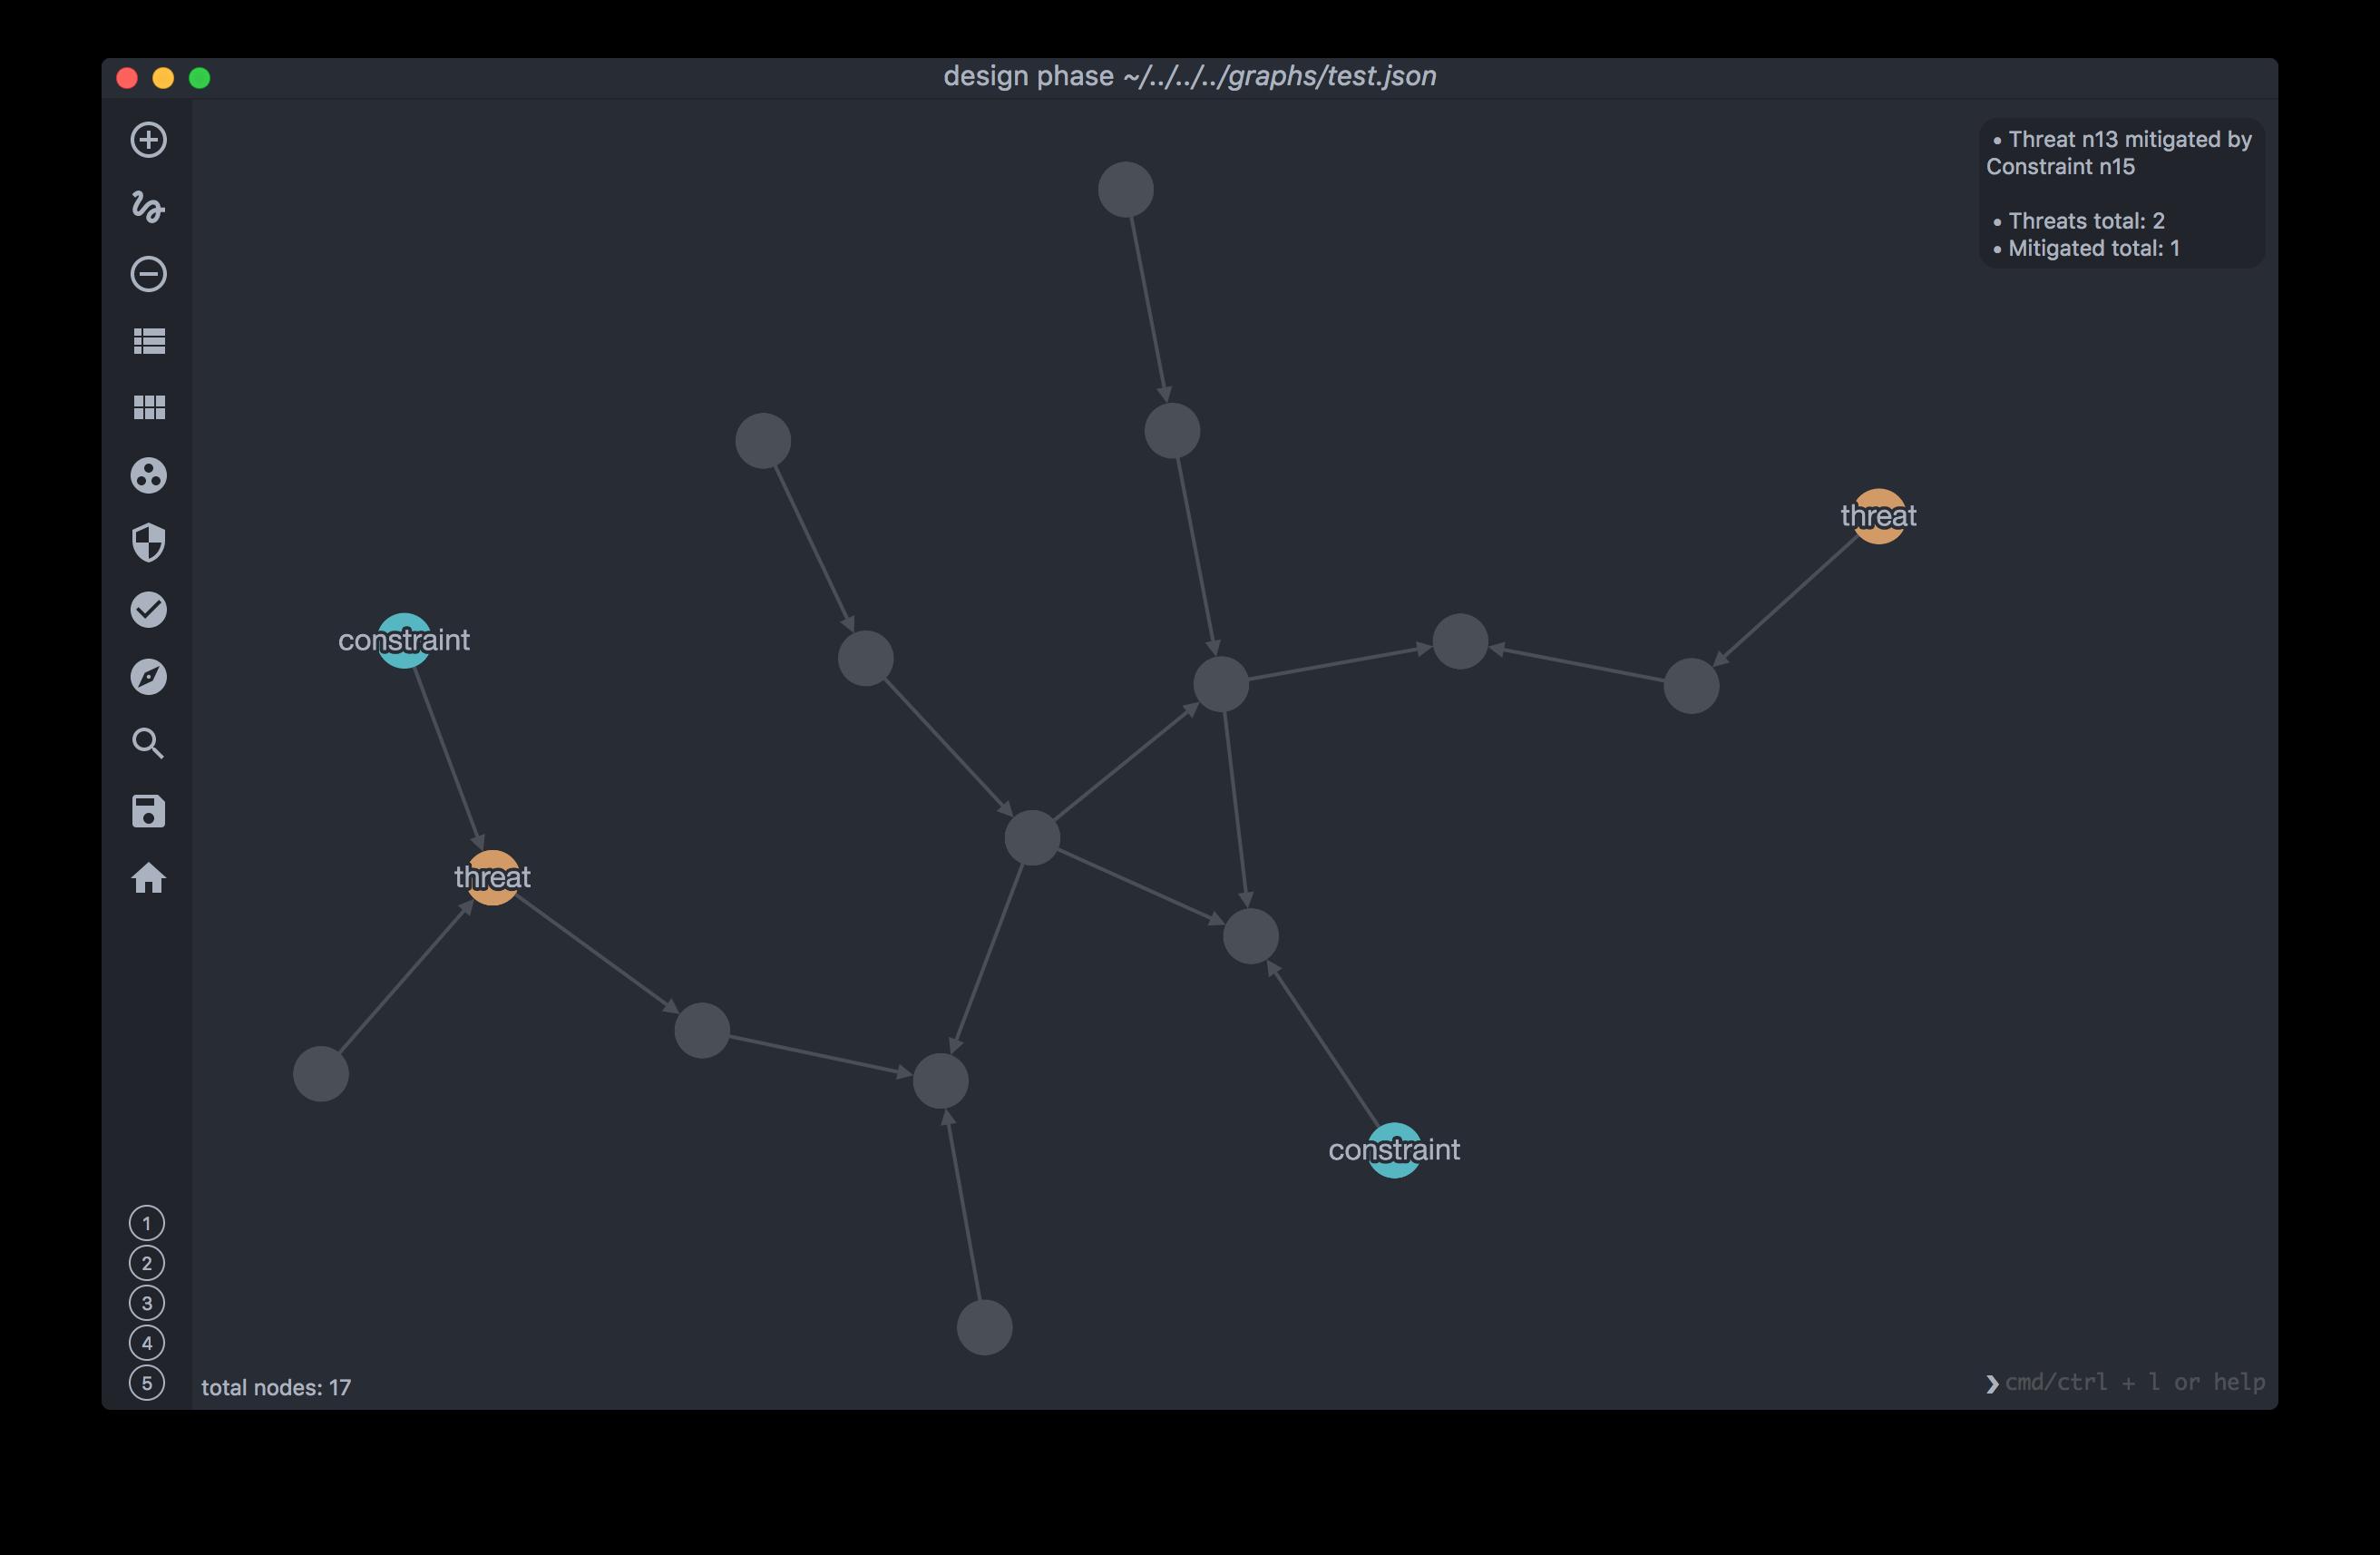 5G-SAT screenshot design phase security analysis